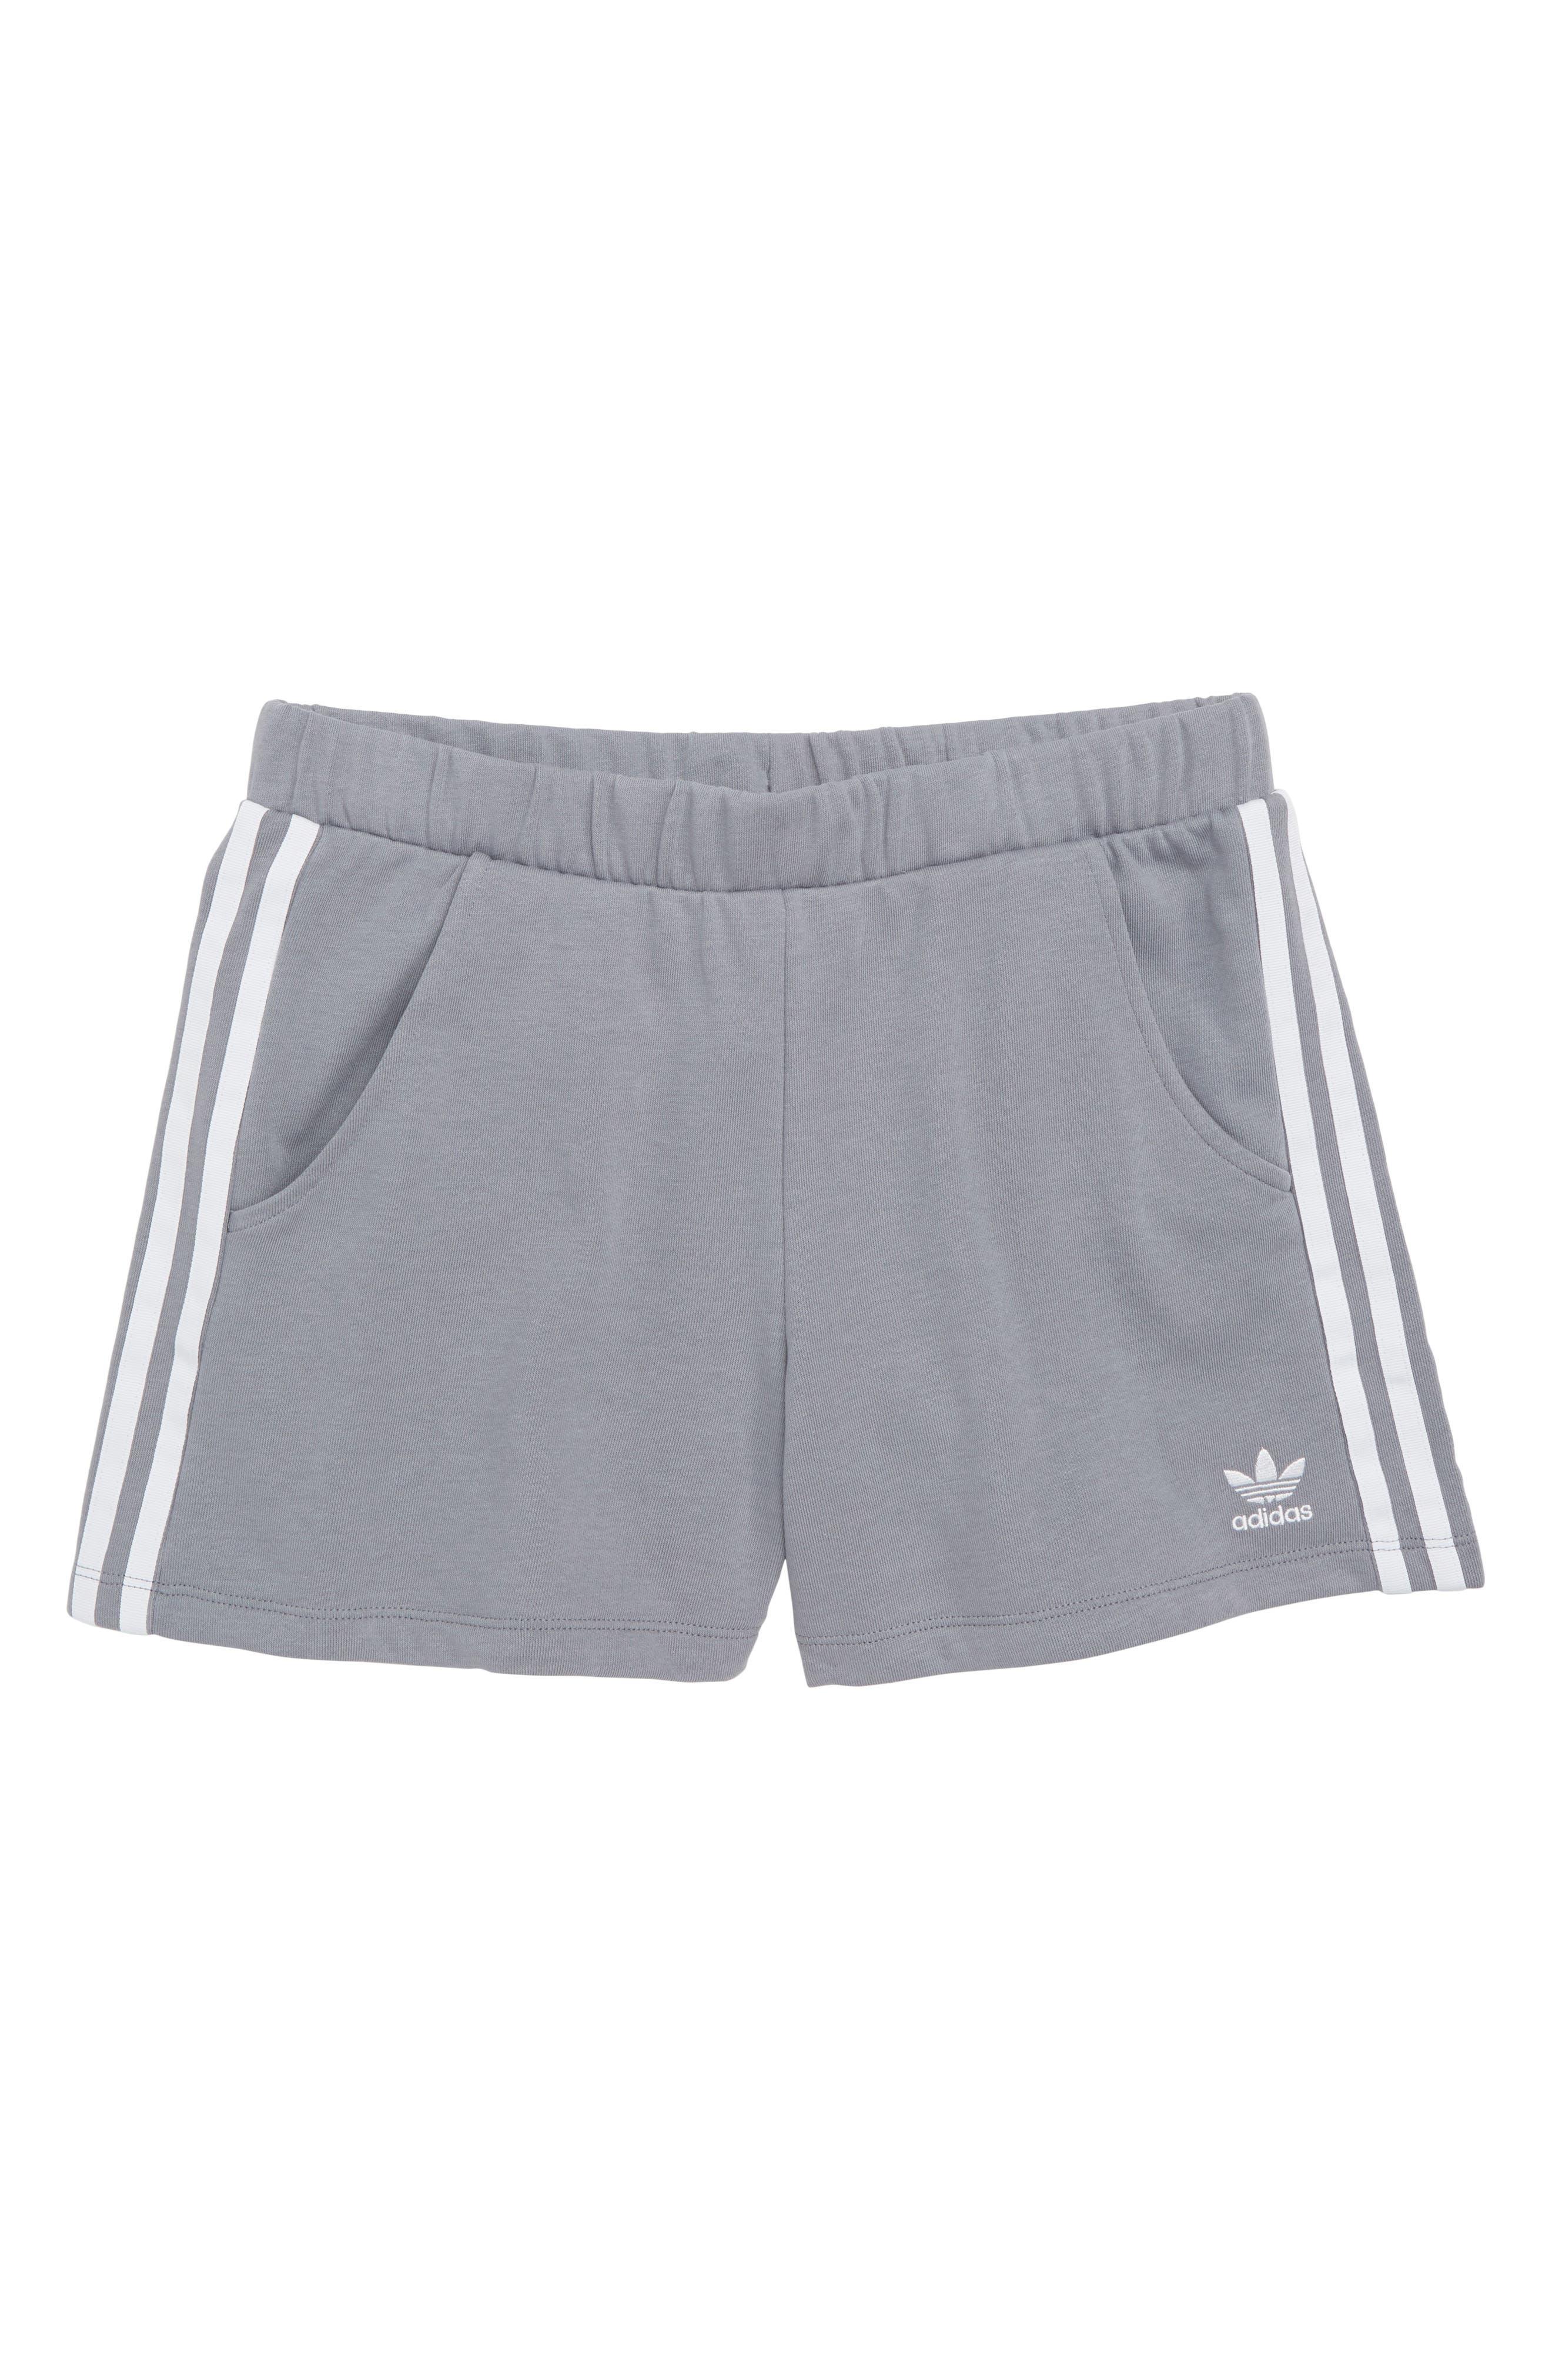 Logo Shorts,                         Main,                         color, 020